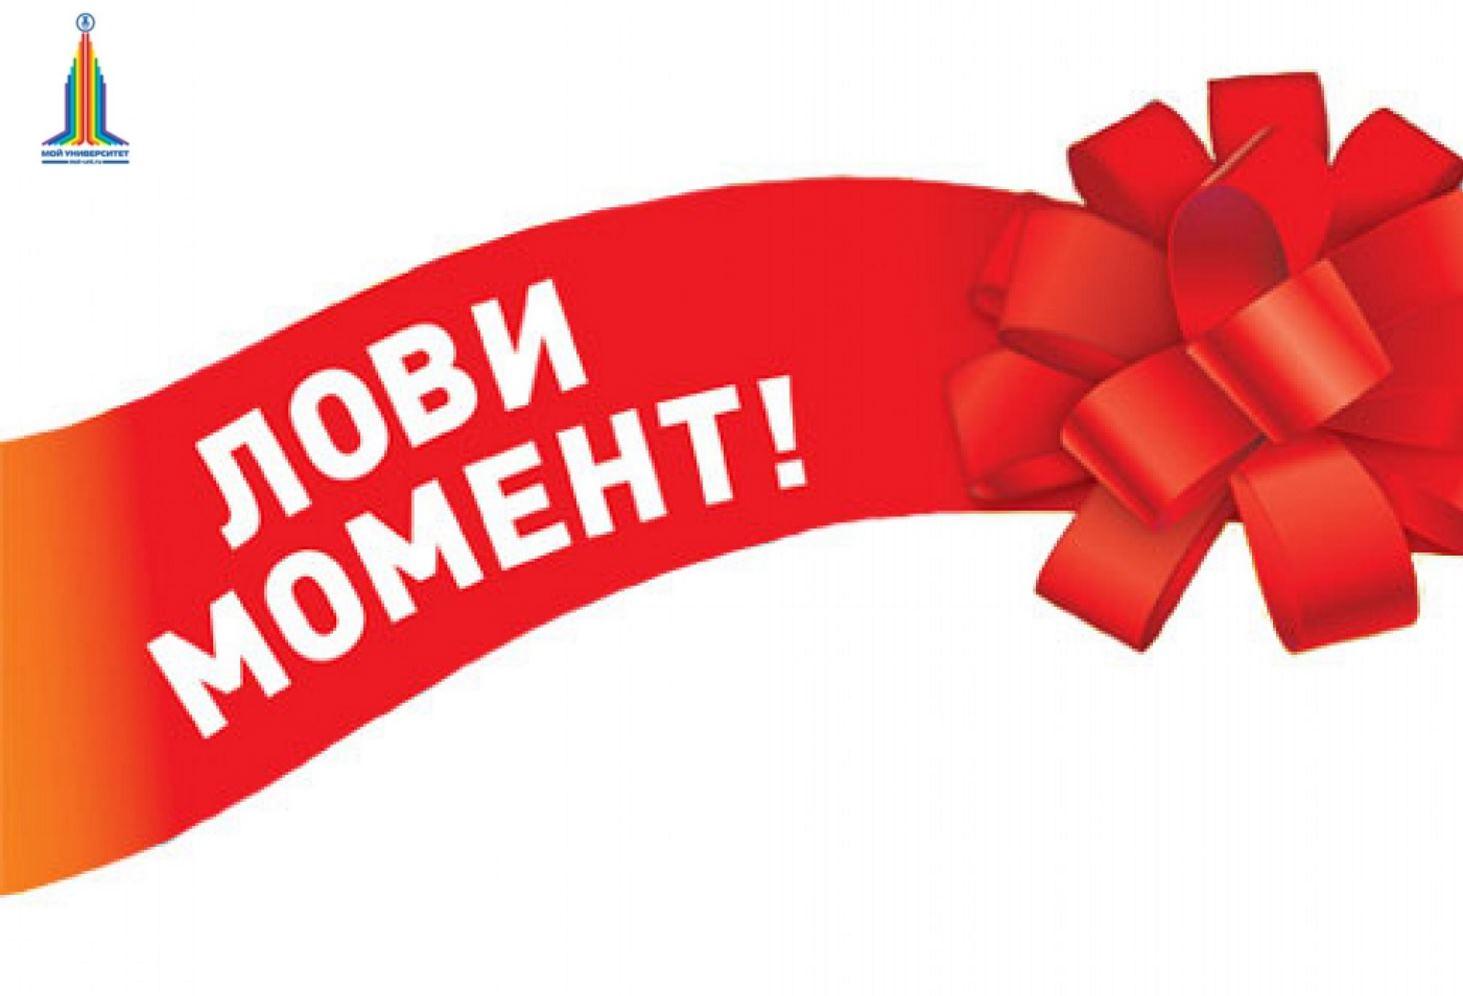 superleto-v-mu-3-kursa-dlya-pedagogov-za-1190-rublej